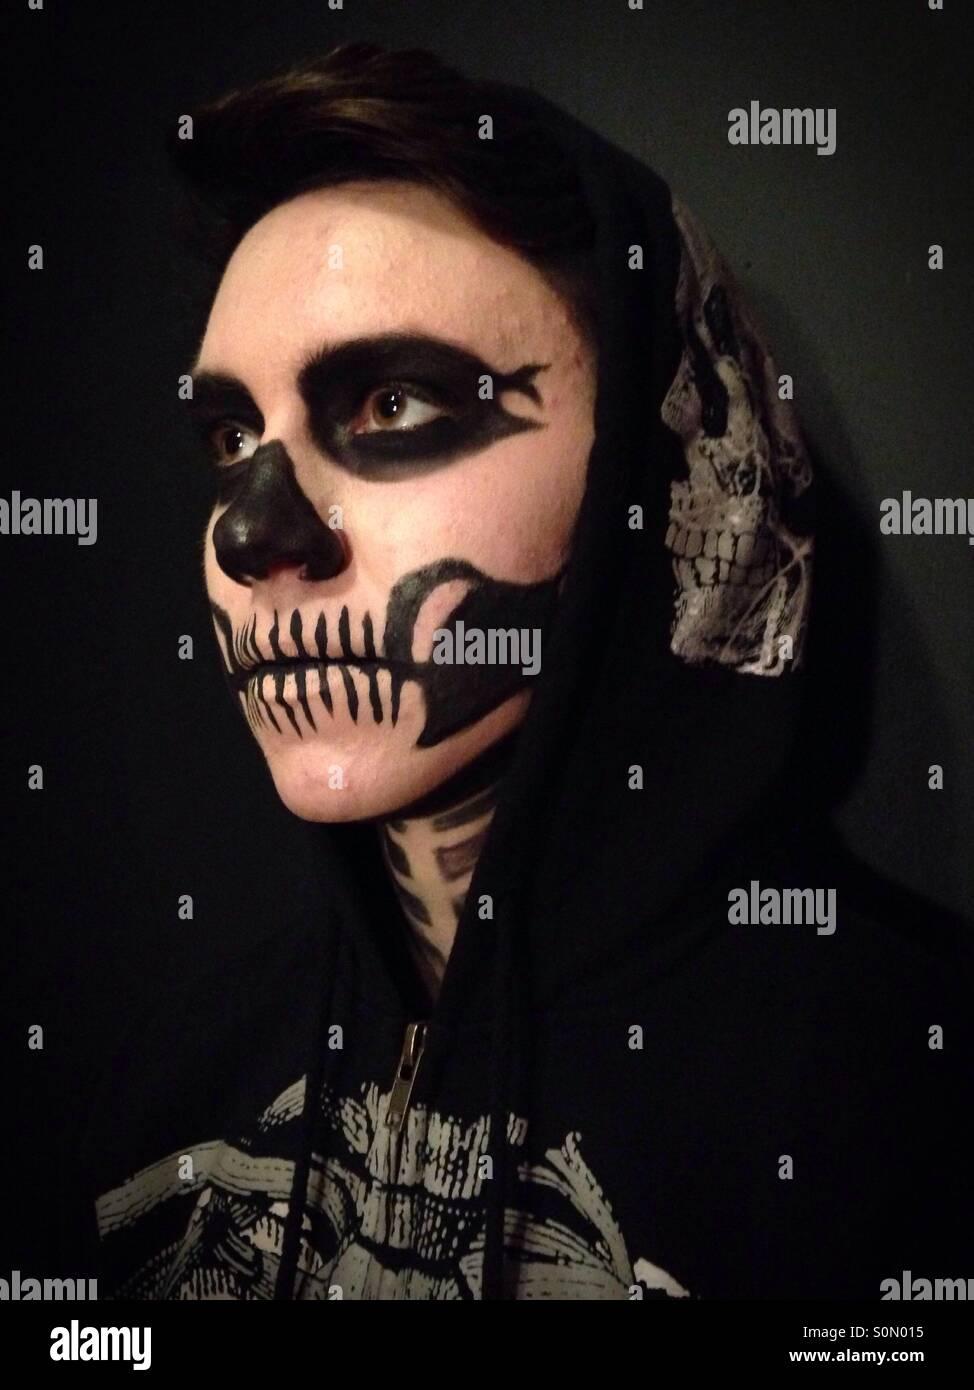 Una persona vestida de esqueleto. Imagen De Stock